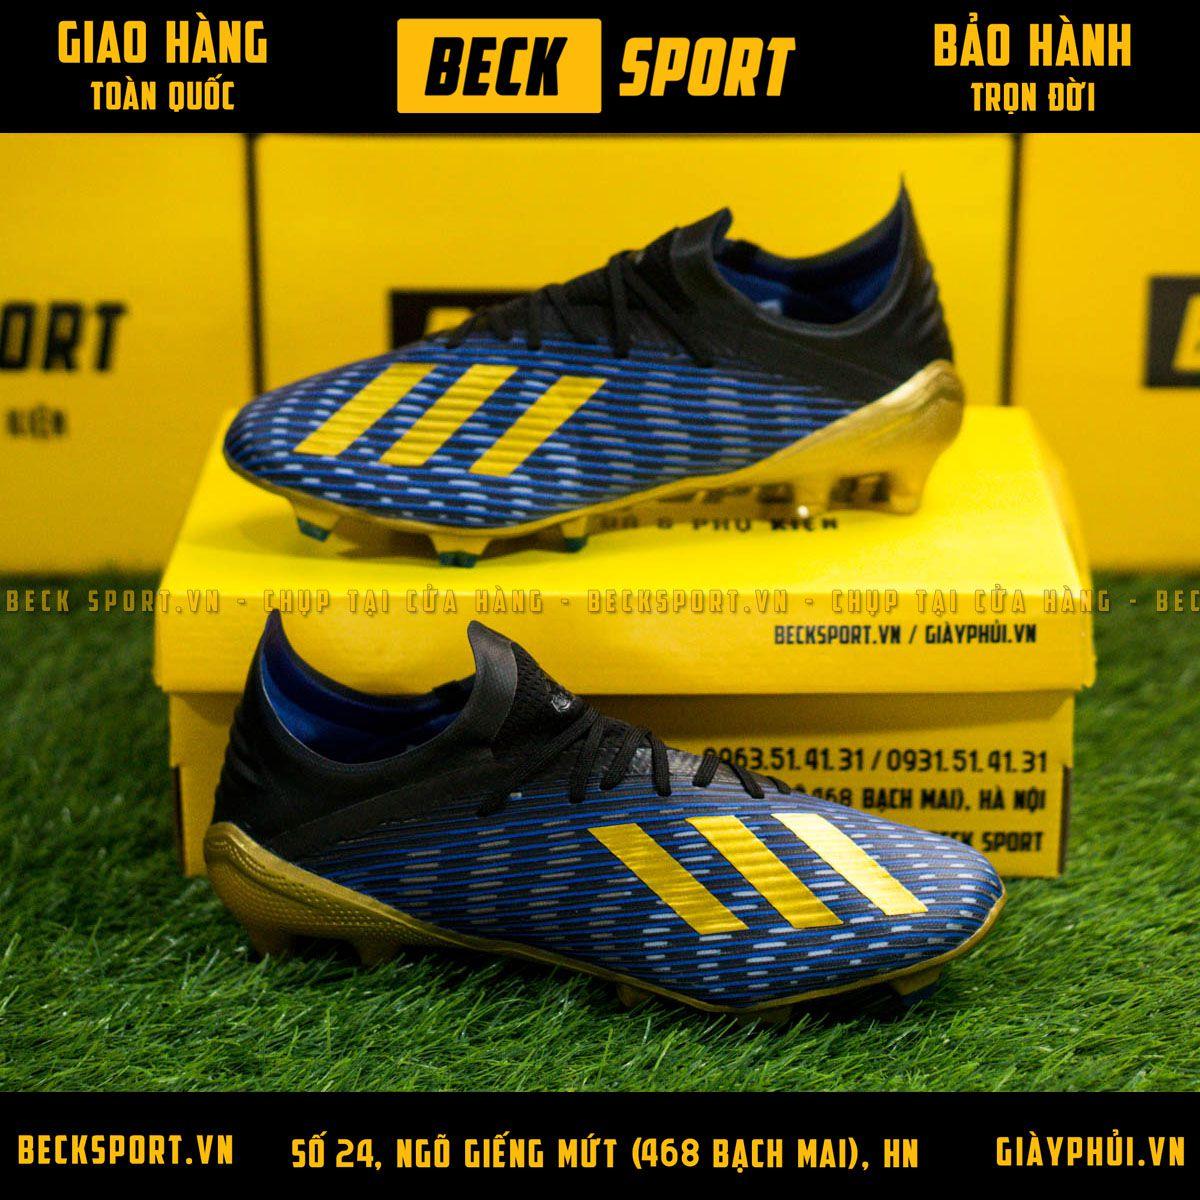 Giày Bóng Đá Adidas X 19.1 Xanh Biển Vạch Đồng Đế Đồng FG